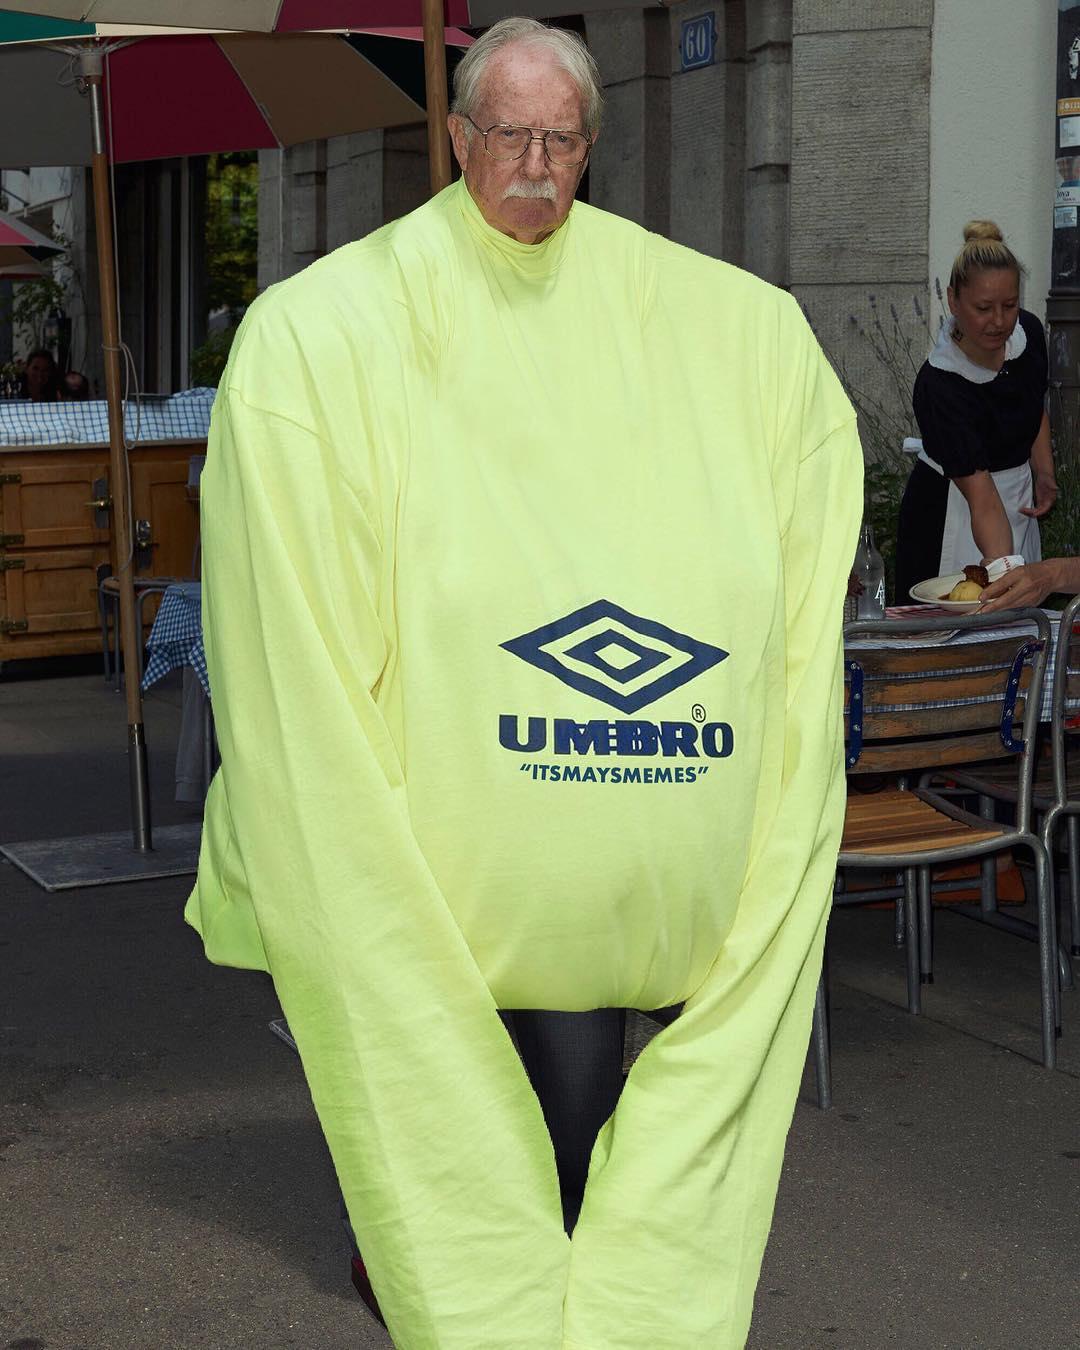 áo khoác ngoại cỡ - elle man (16)